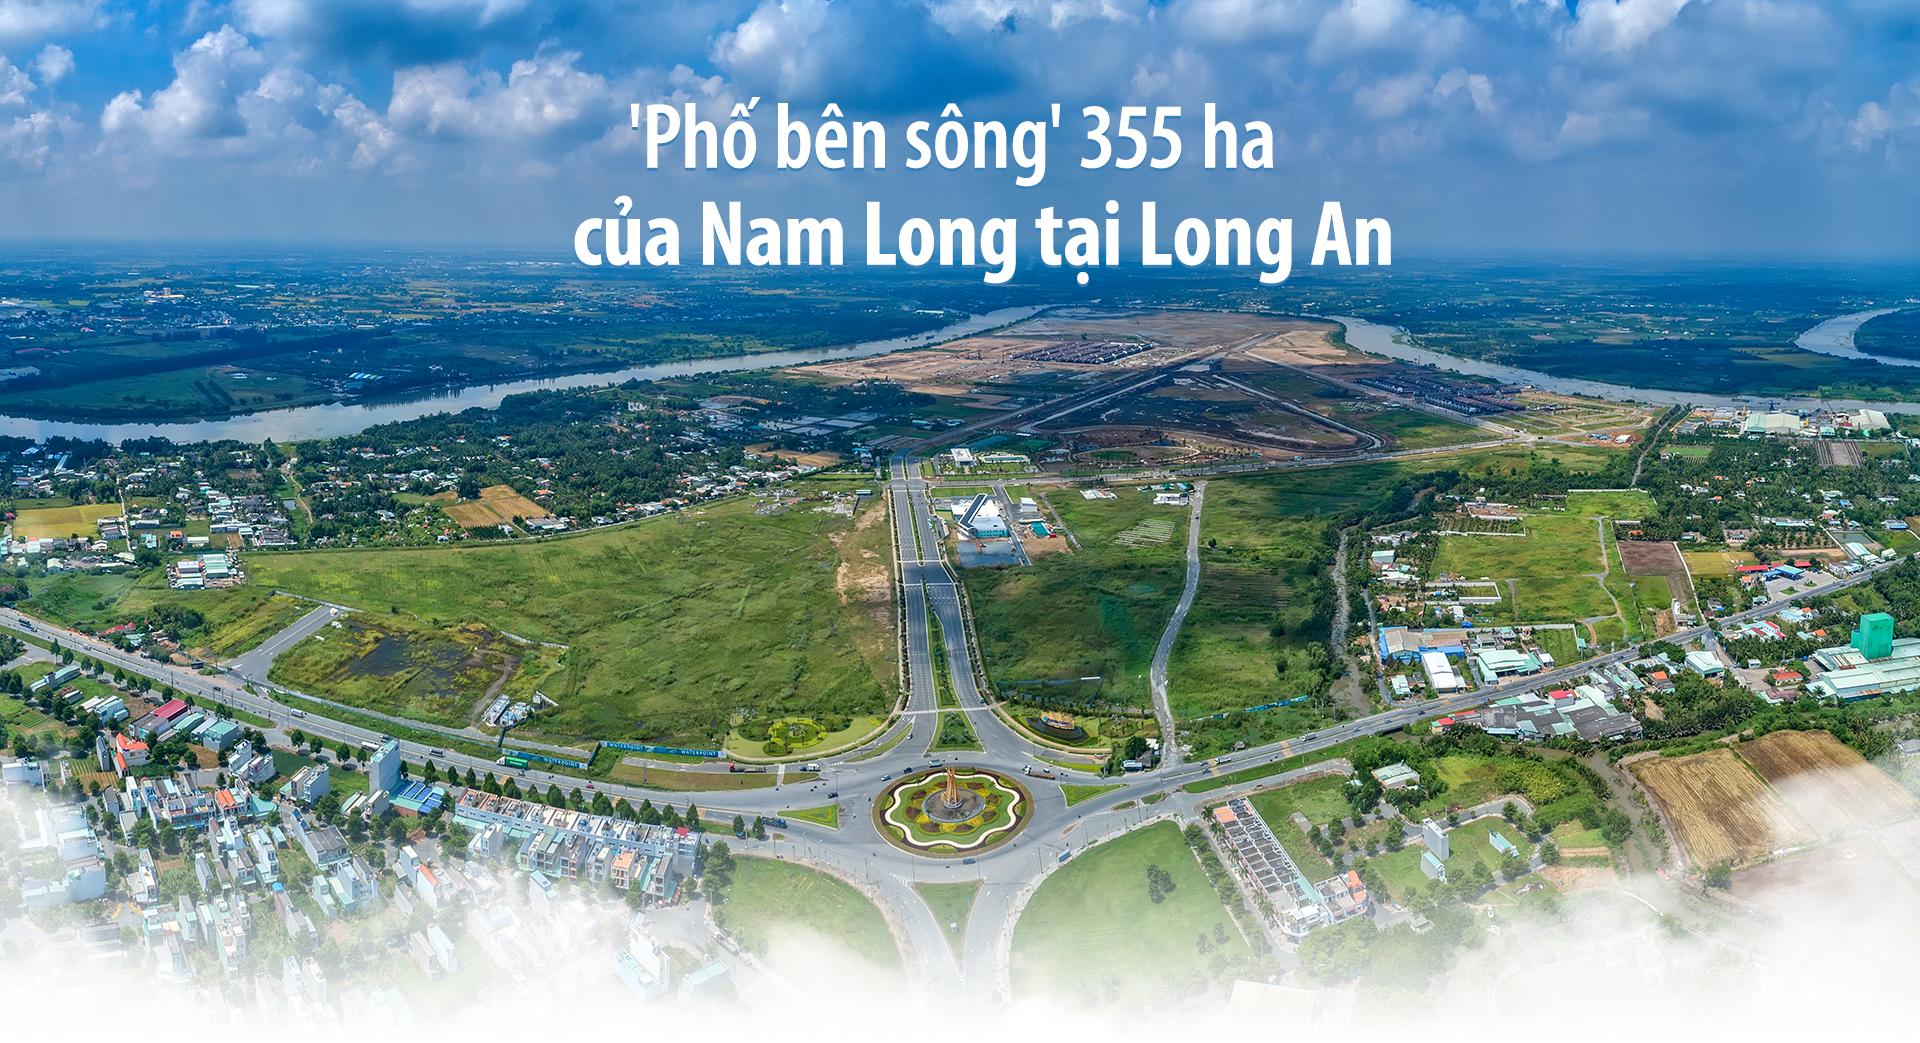 'Phố bên sông' 355 ha của Nam Long tại Long An 2020 23